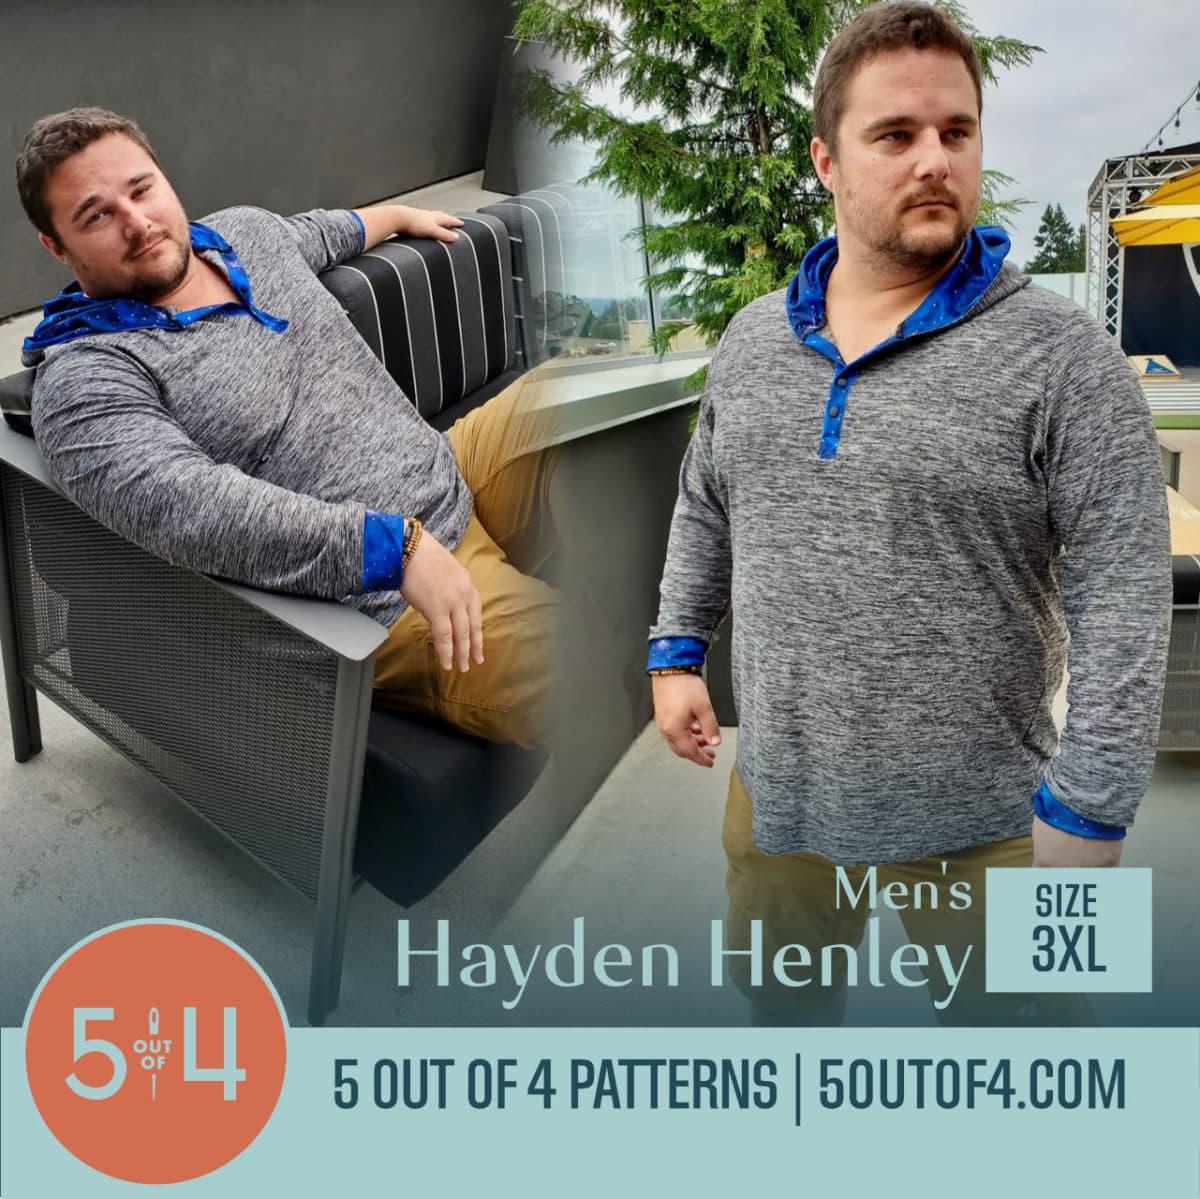 5oo4 Men's Hayden Henley